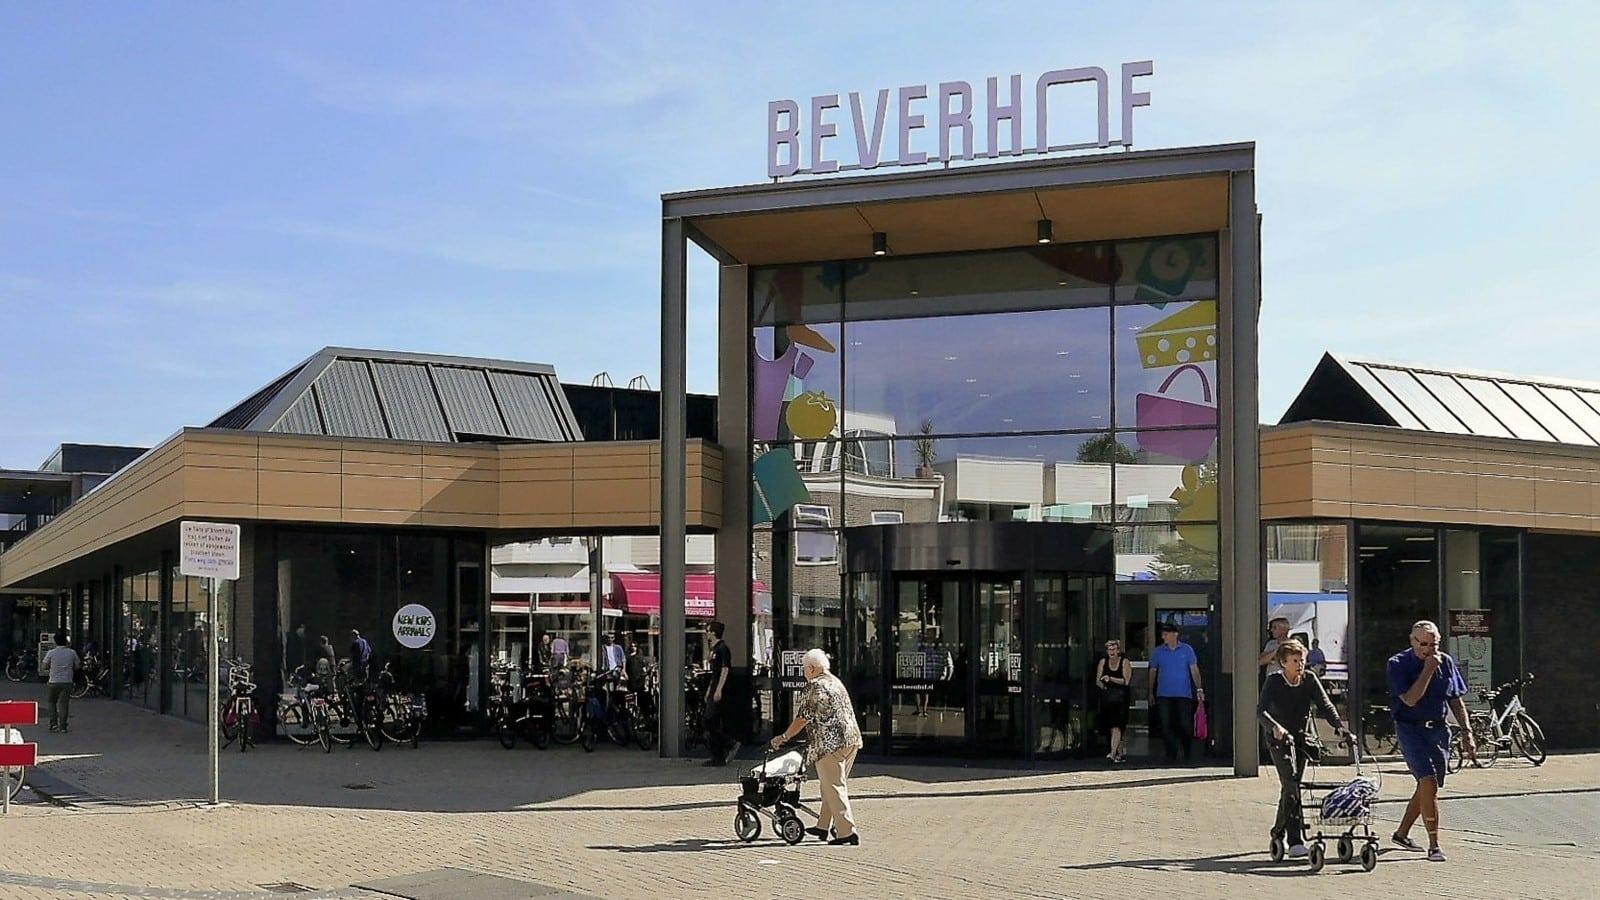 Winkelcentrum 'De Beverhof' genomineerd voor de NRW jaarprijs